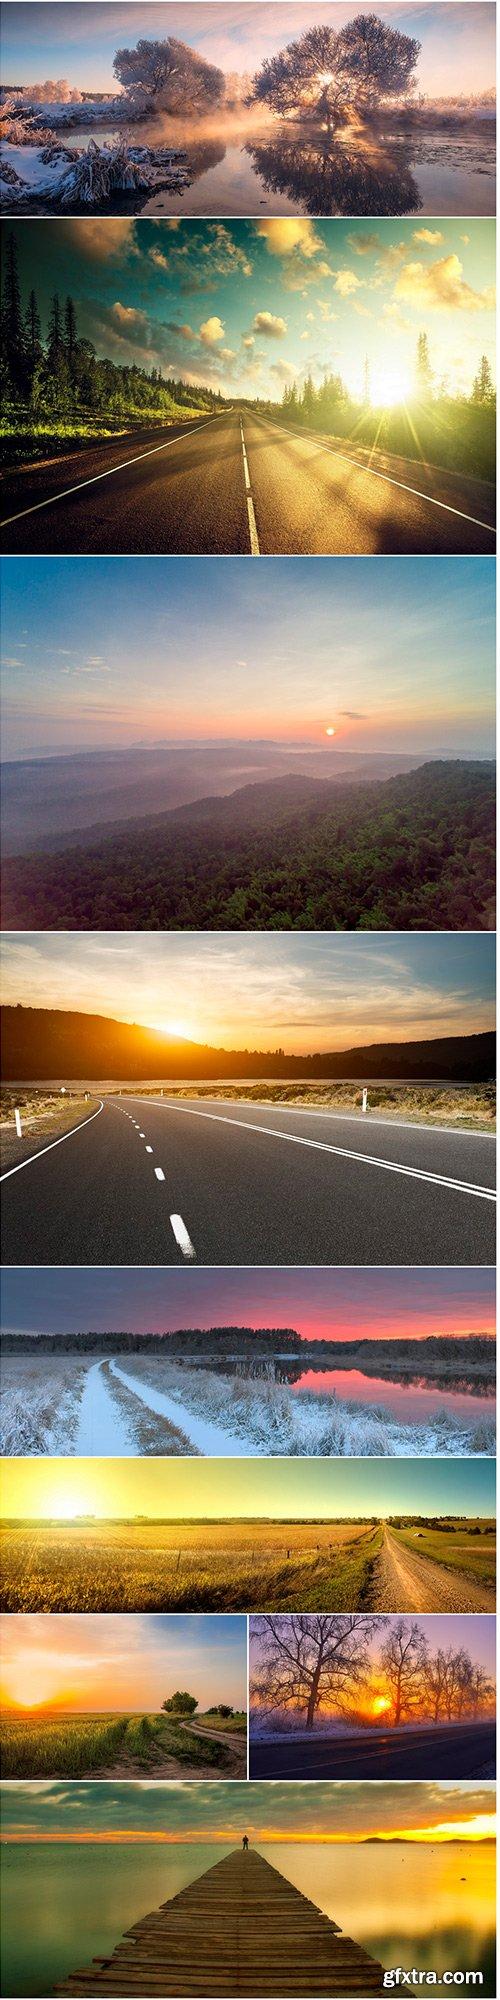 Sunrise & road - 9UHQ JPEG